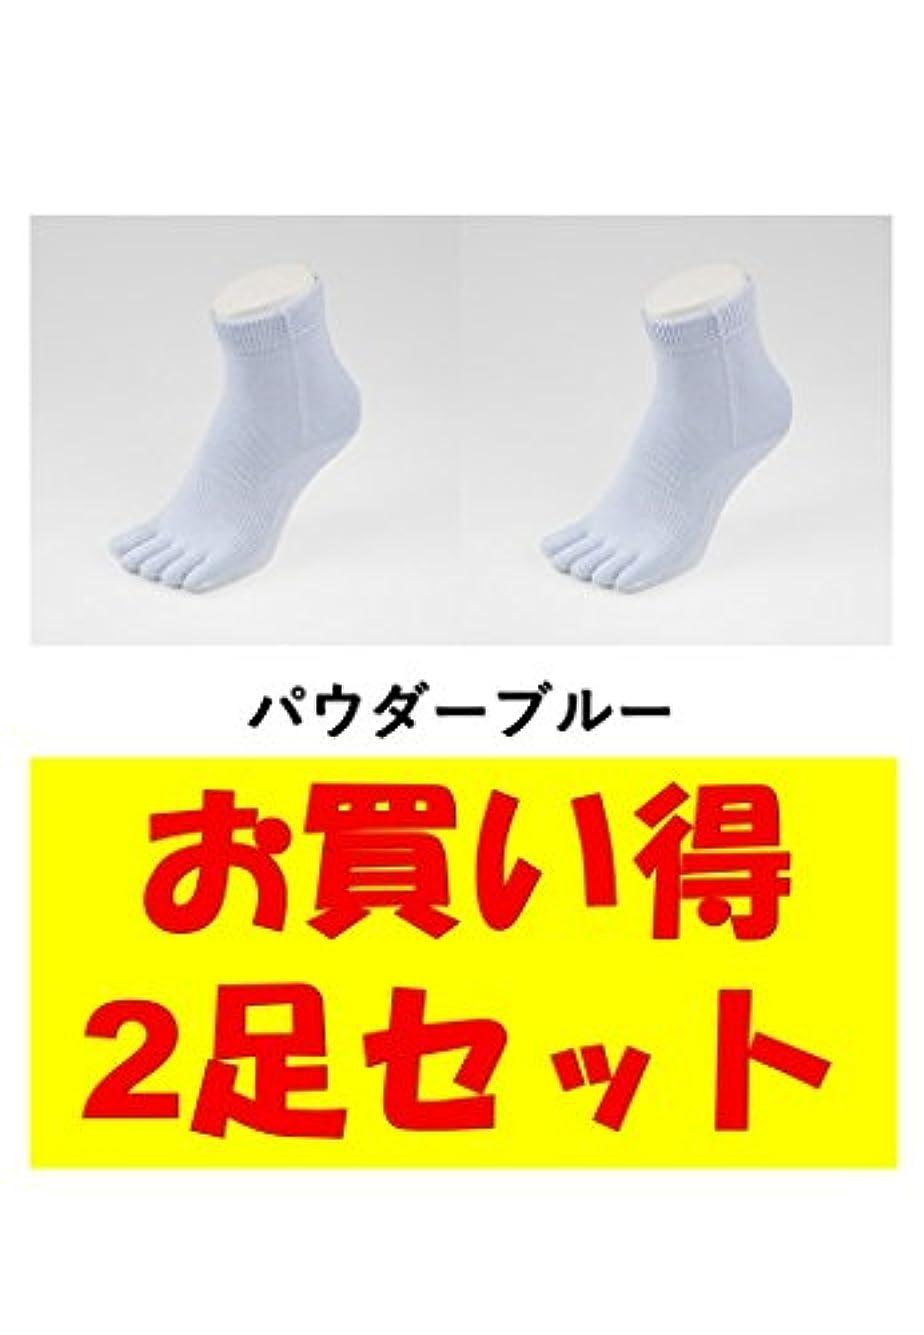 ディベート明快過剰お買い得2足セット 5本指 ゆびのばソックス Neo EVE(イヴ) パウダーブルー iサイズ(23.5cm - 25.5cm) YSNEVE-PBL